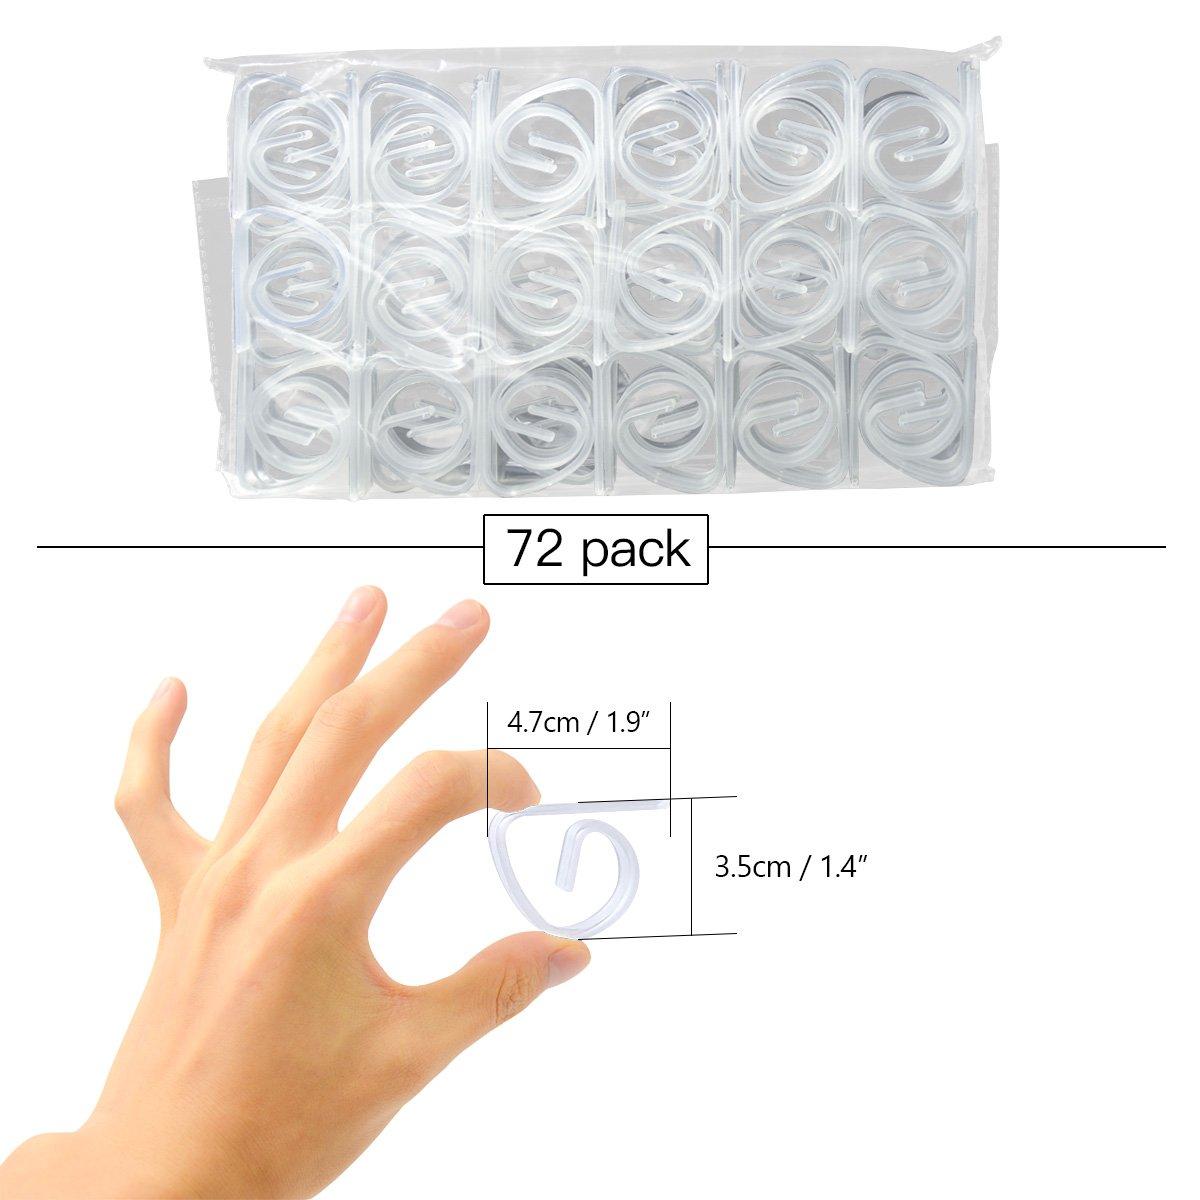 FEIGO Lot DE 30 Pince à Nappe Transparent, Clip de Nappe en Plastique pour Maison, Restaurant, Pique-Nique et Plus (30) 100